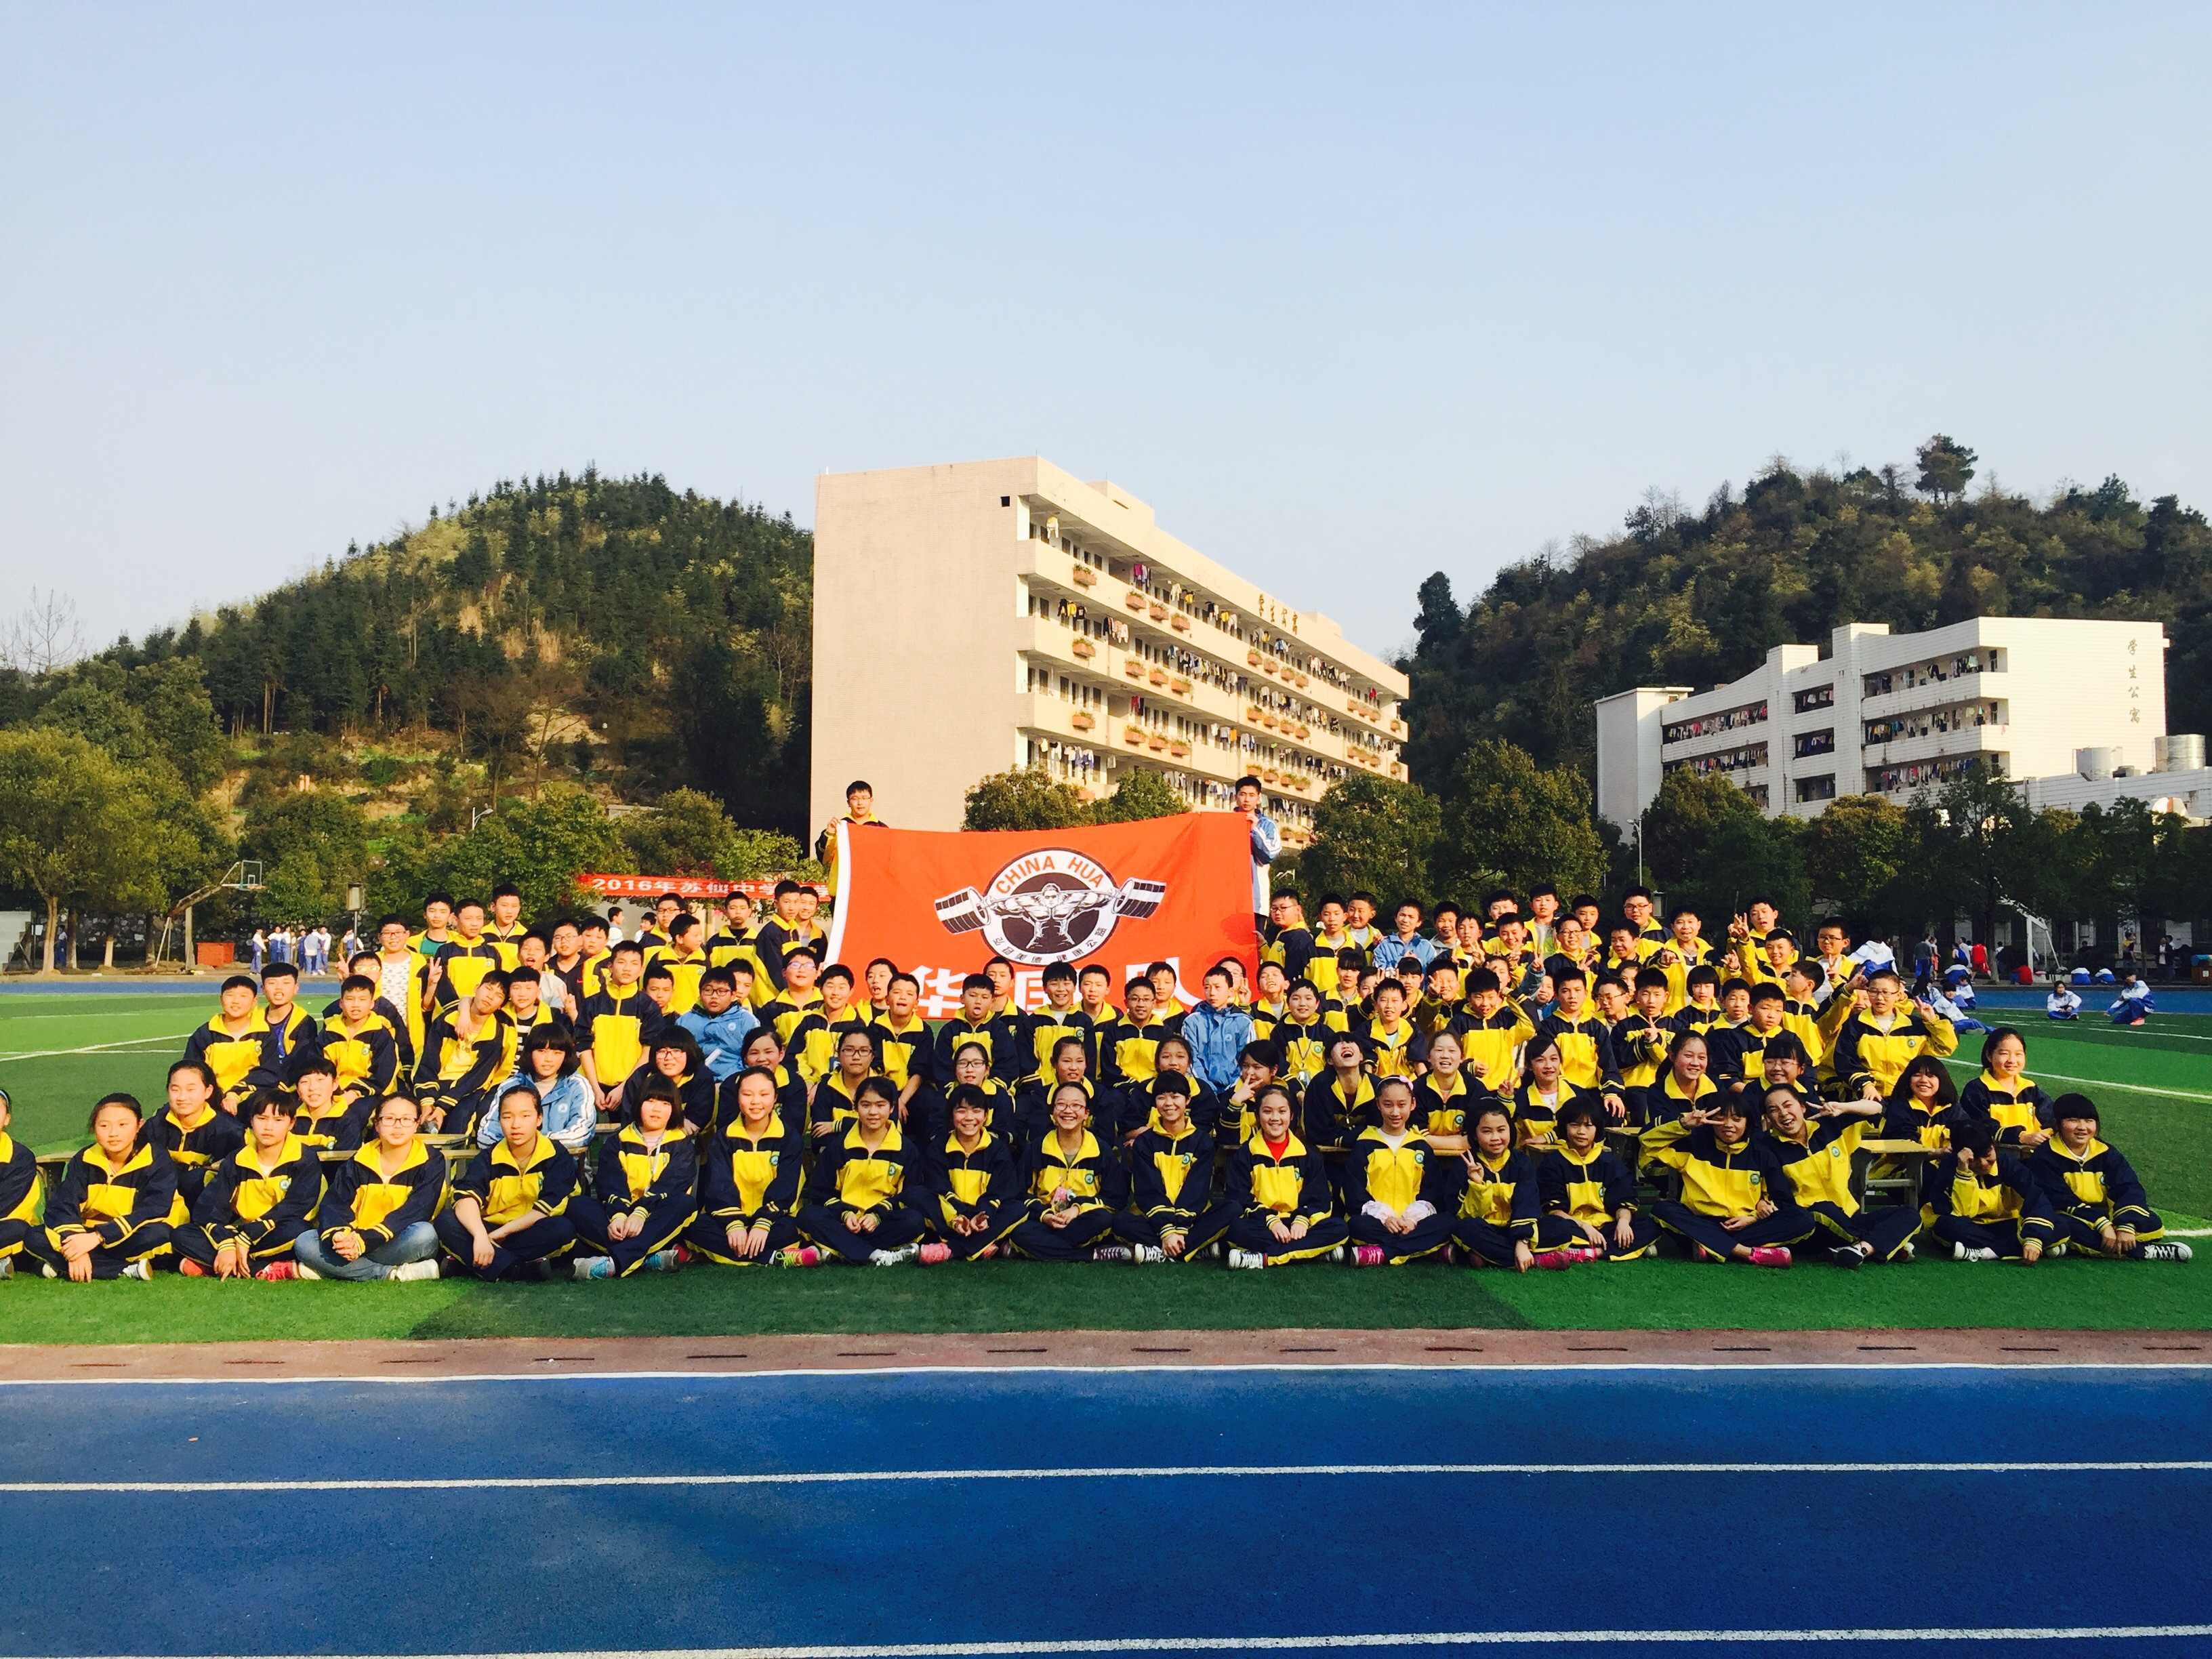 健美世界冠军华波,做好新时代的健队友致足球美人图片